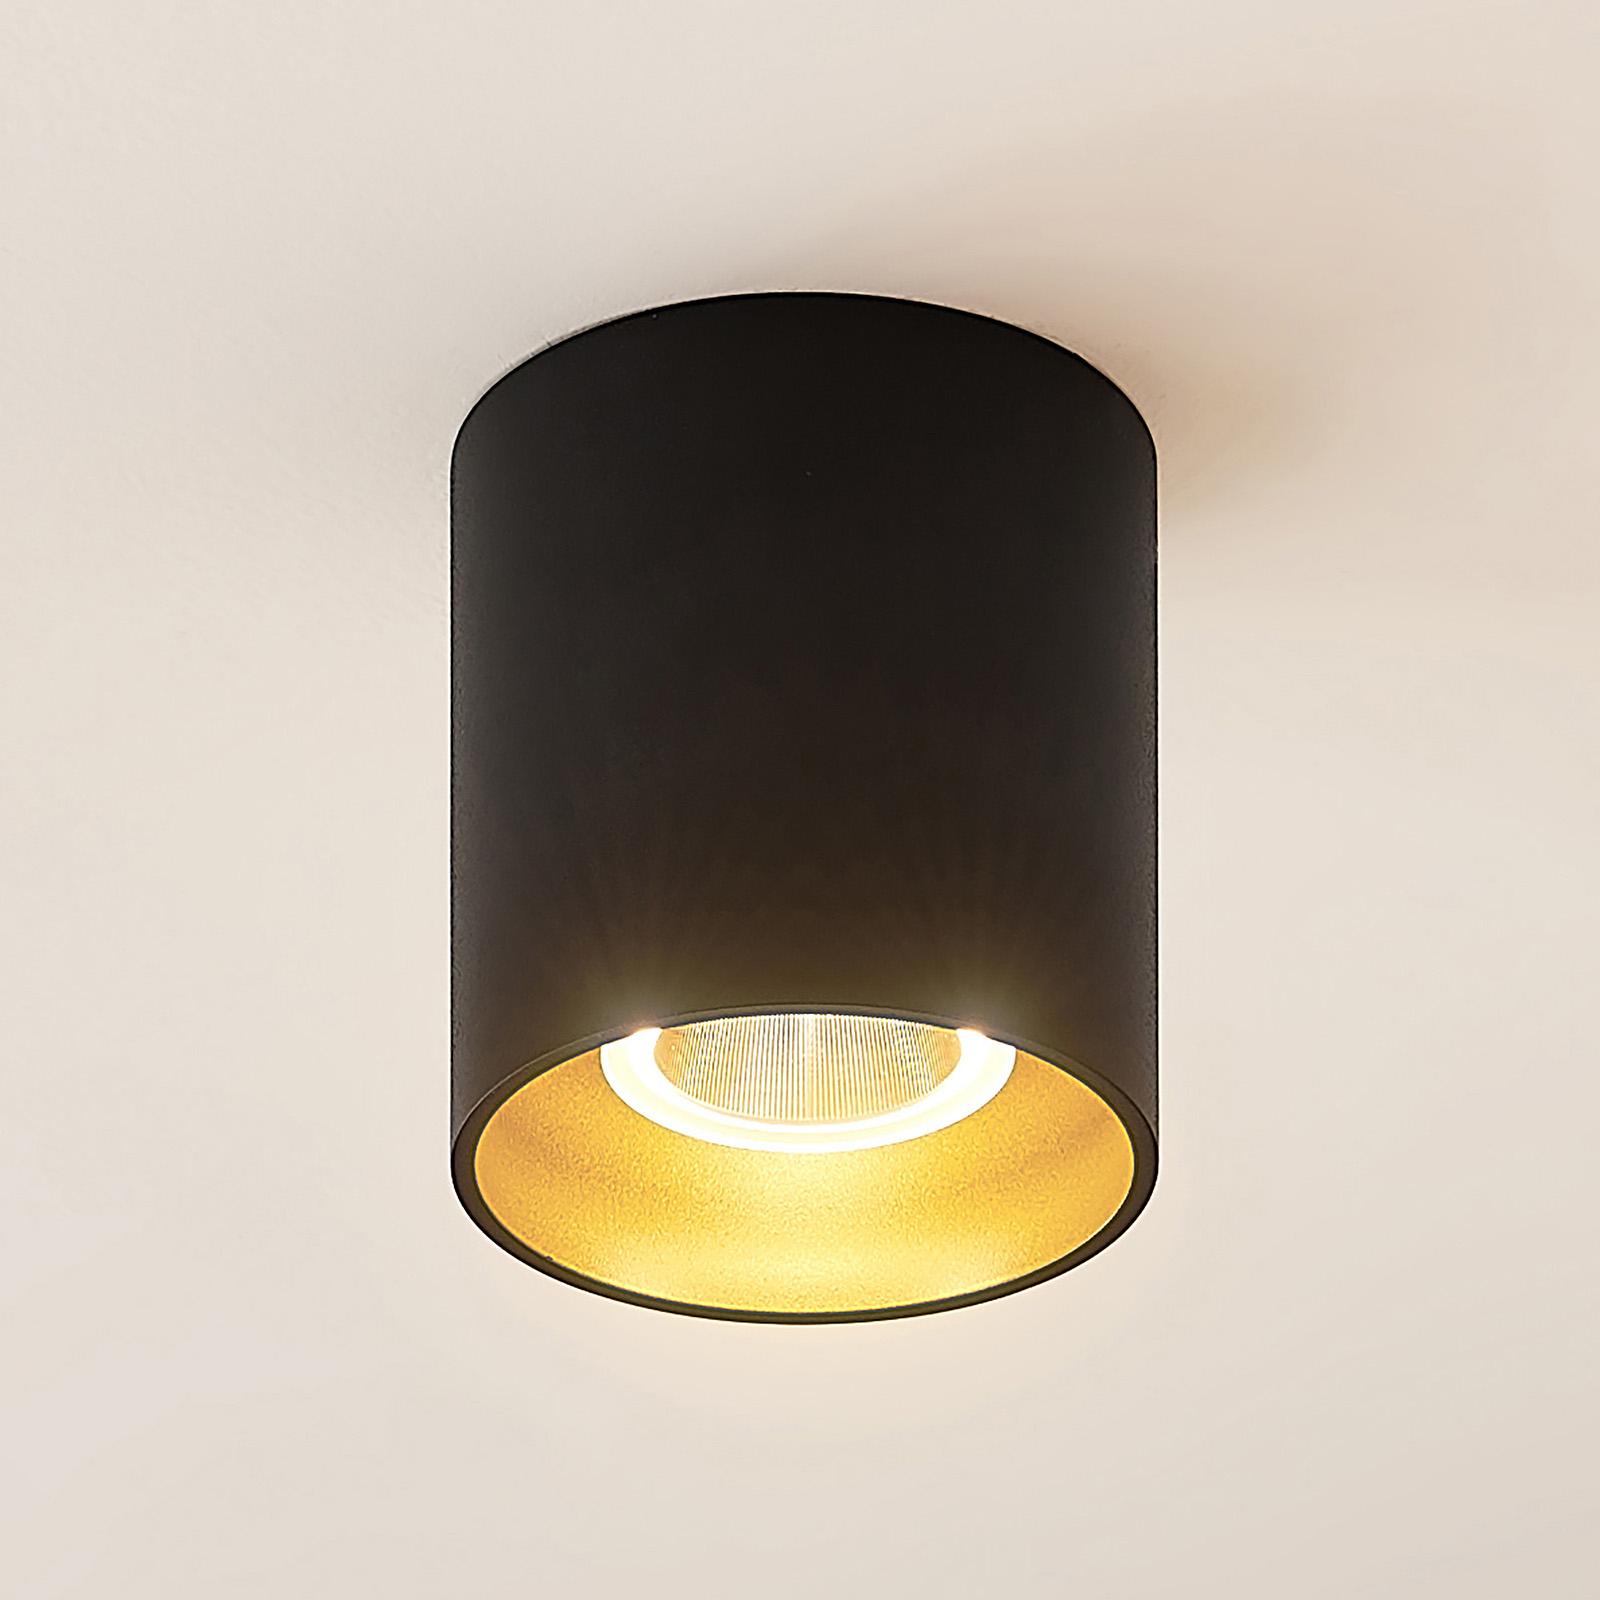 Arcchio Zaki LED-Deckenleuchte, rund, schwarz